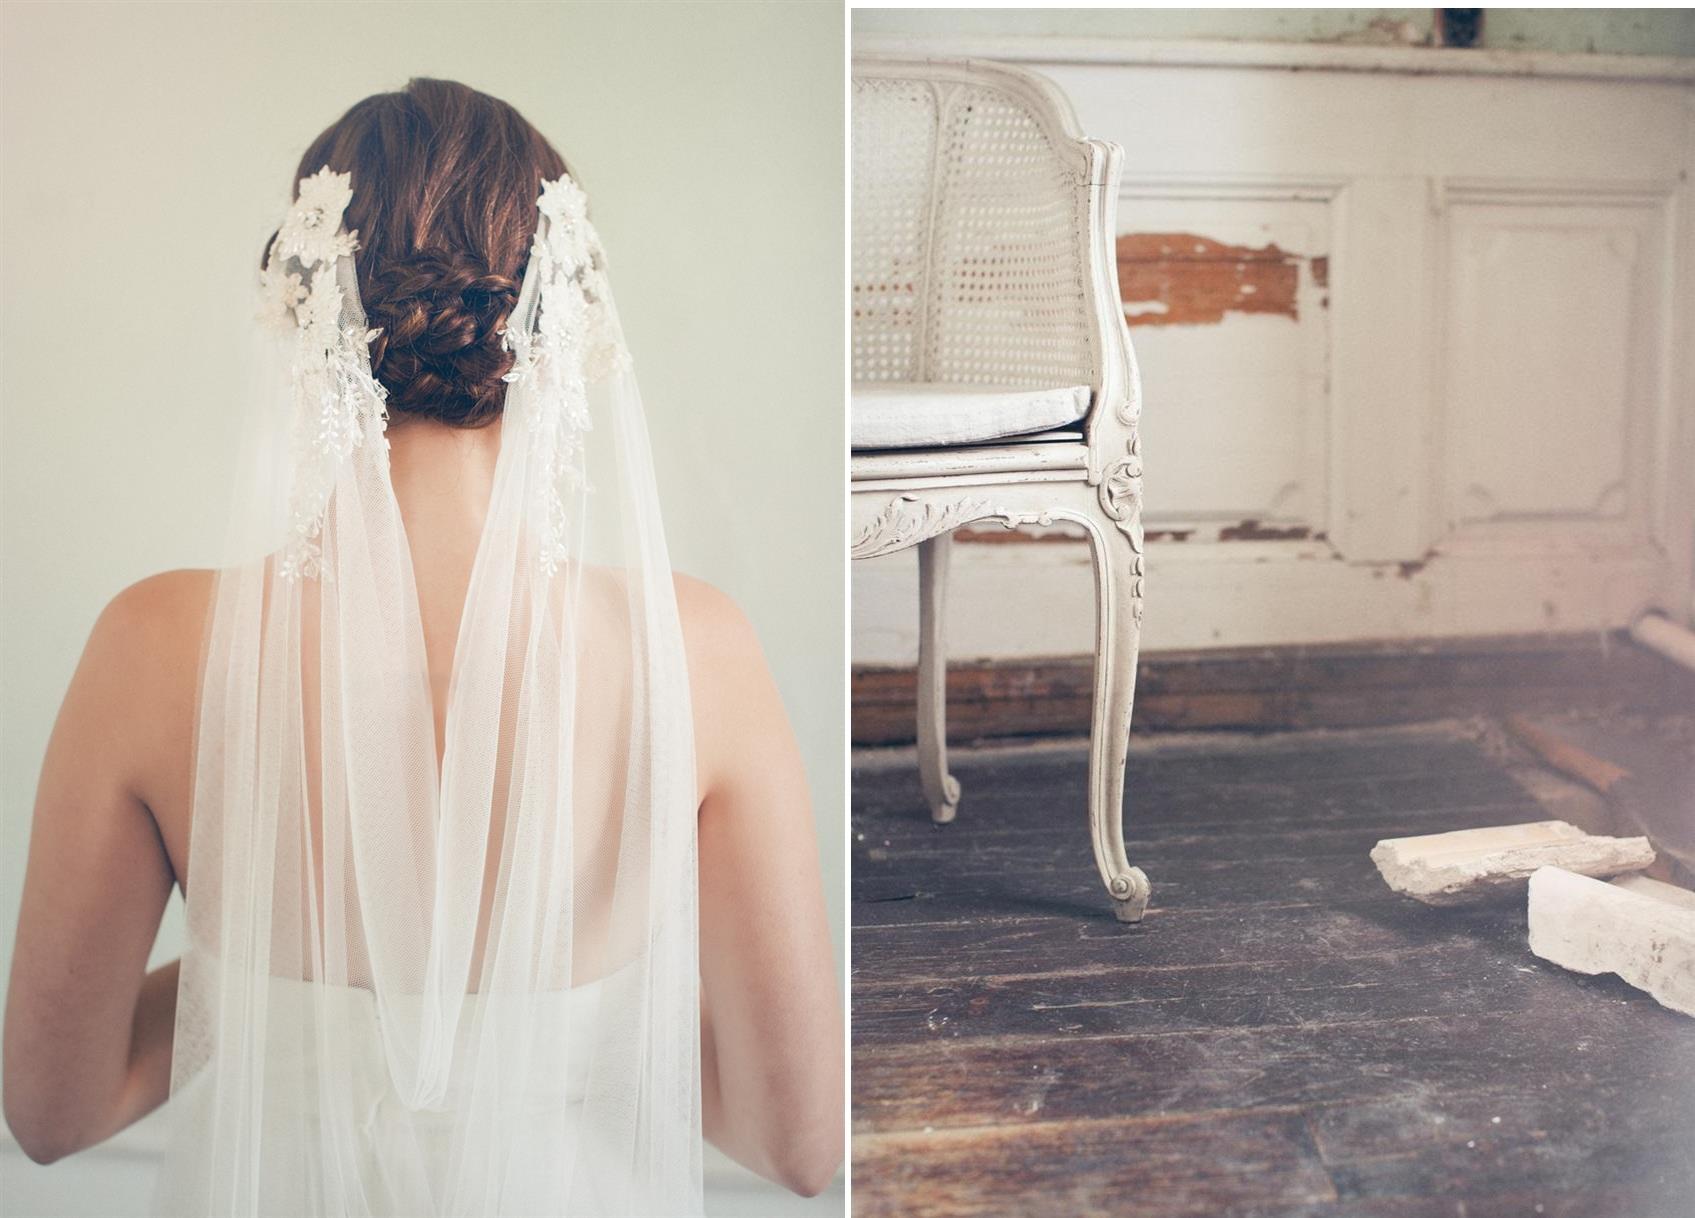 Joy - Vintage Veil with Parisian Chic from Jannie Baltzer